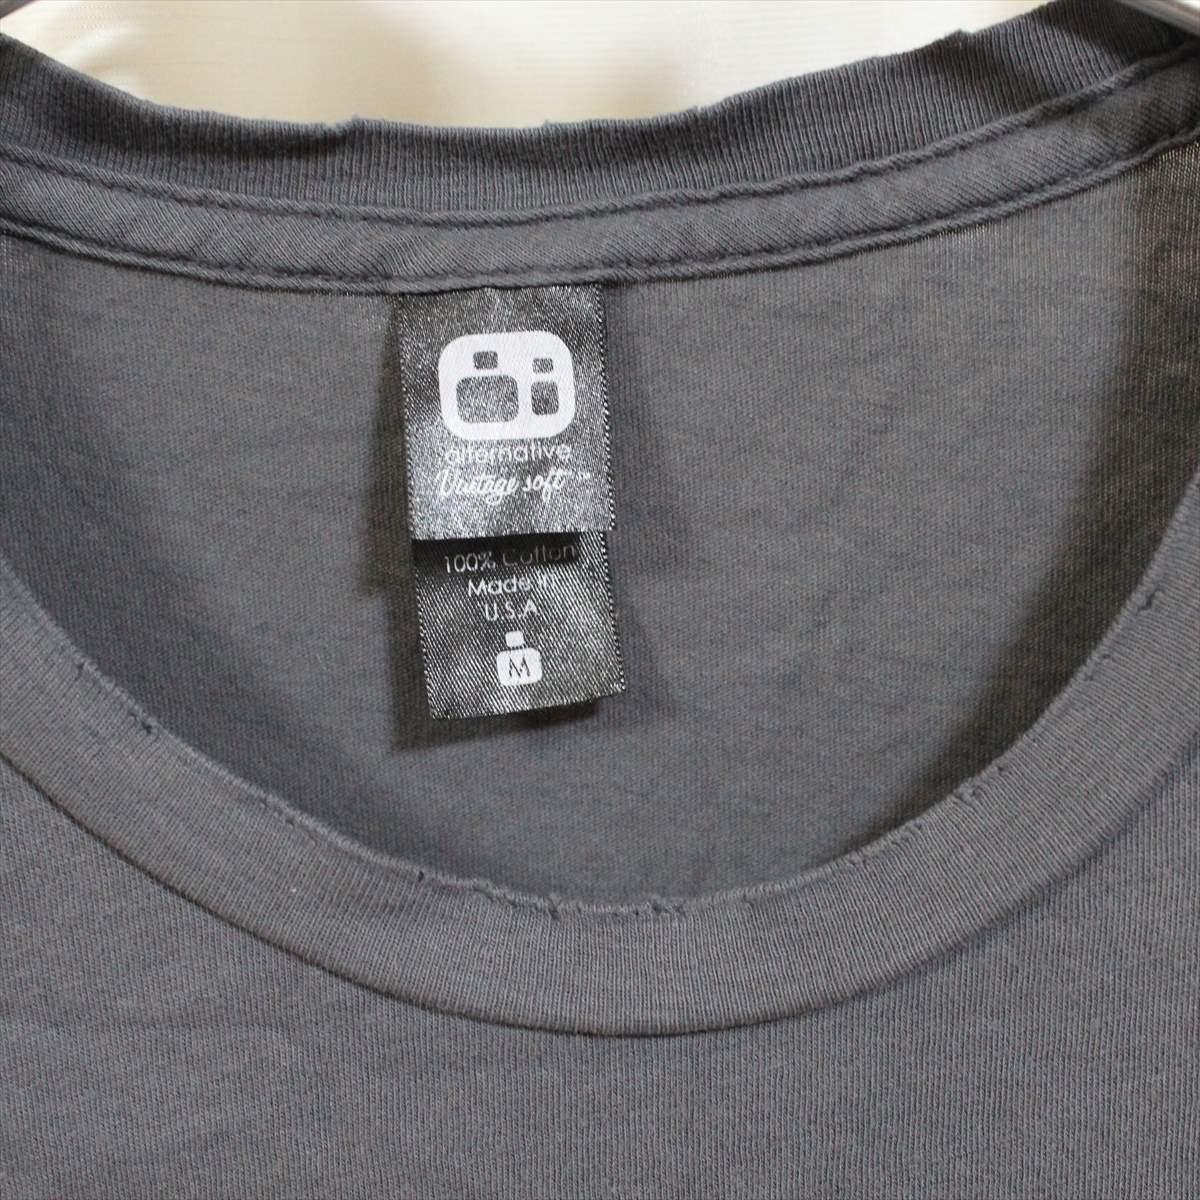 オルタナティブ アパレル alternative apparel レディース半袖Tシャツ チャコール Sサイズ 新品 vintage soft アメリカ製_画像2